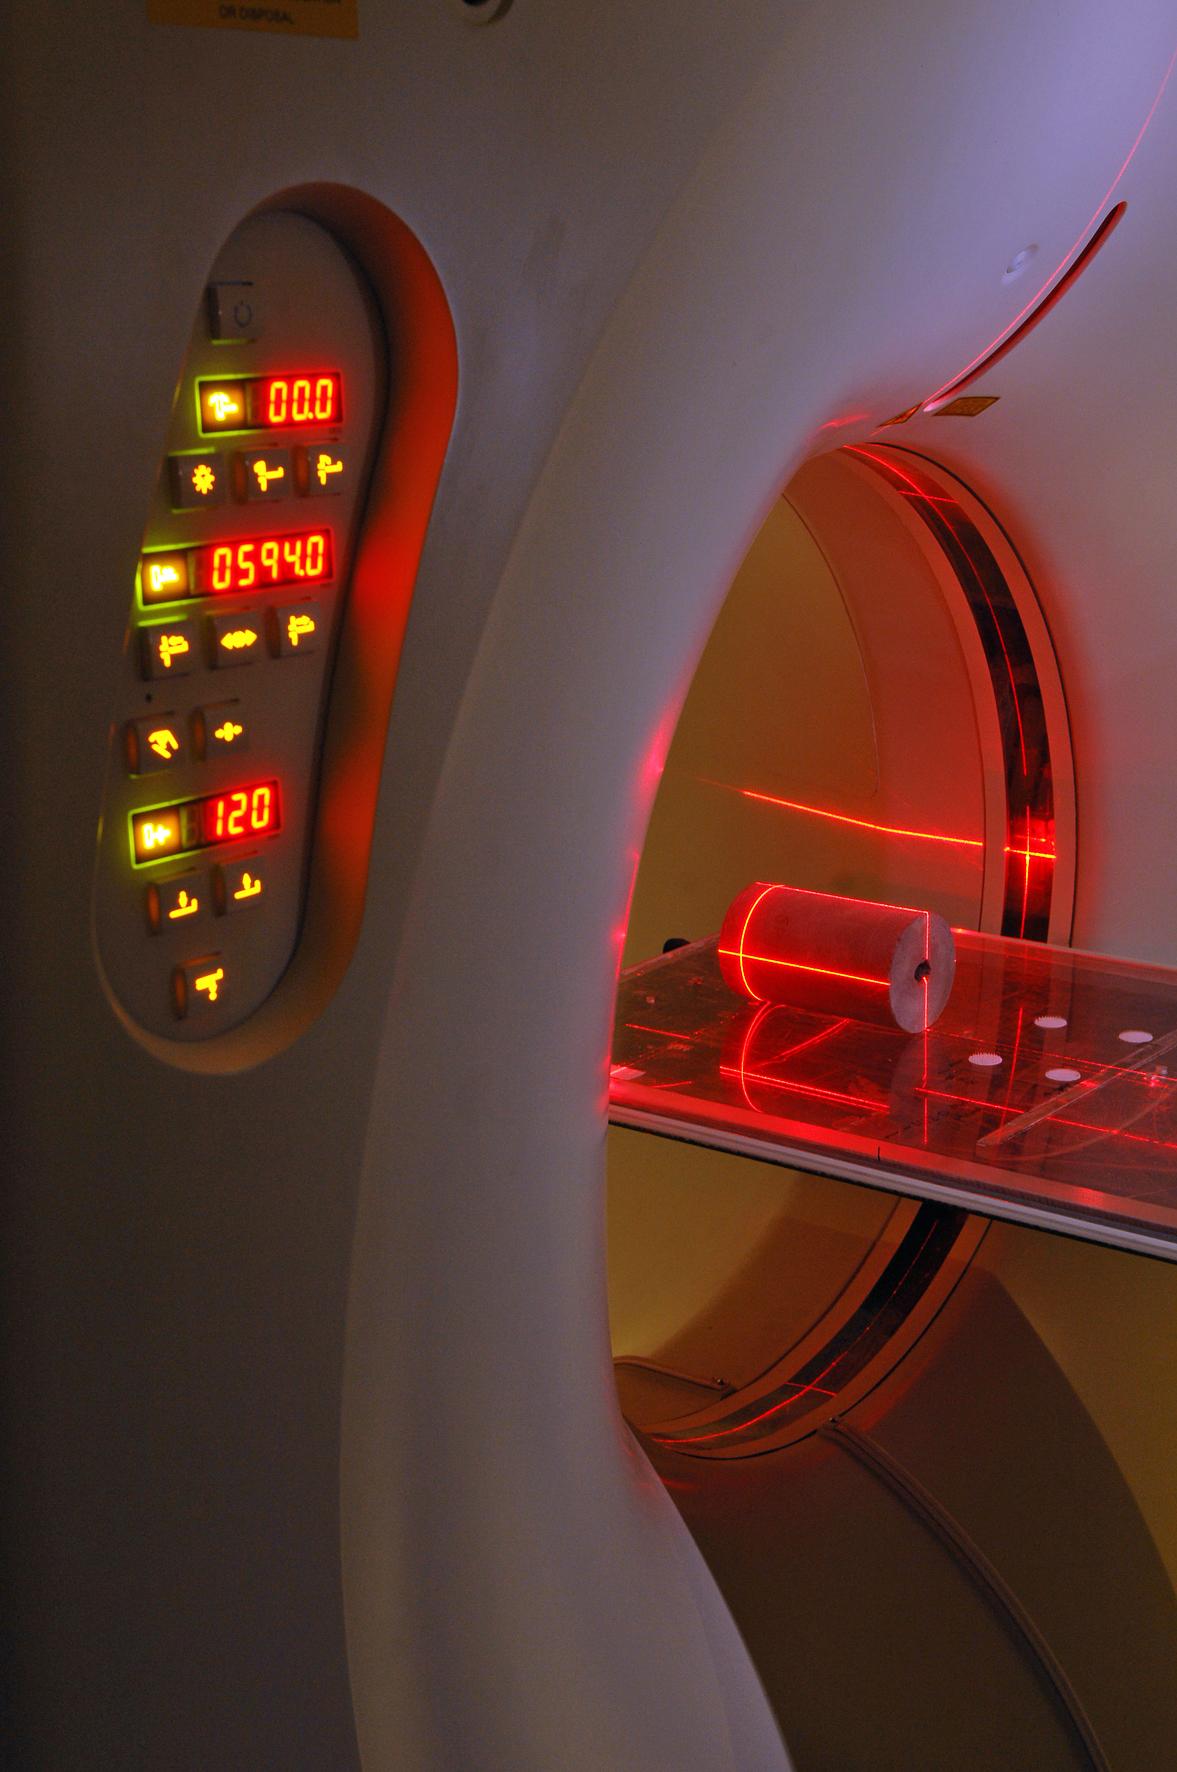 CSIRO ScienceImage 10377 Dielectrics Résultat Supérieur 47 Élégant Relaxation électrique Galerie 2017 Hht5